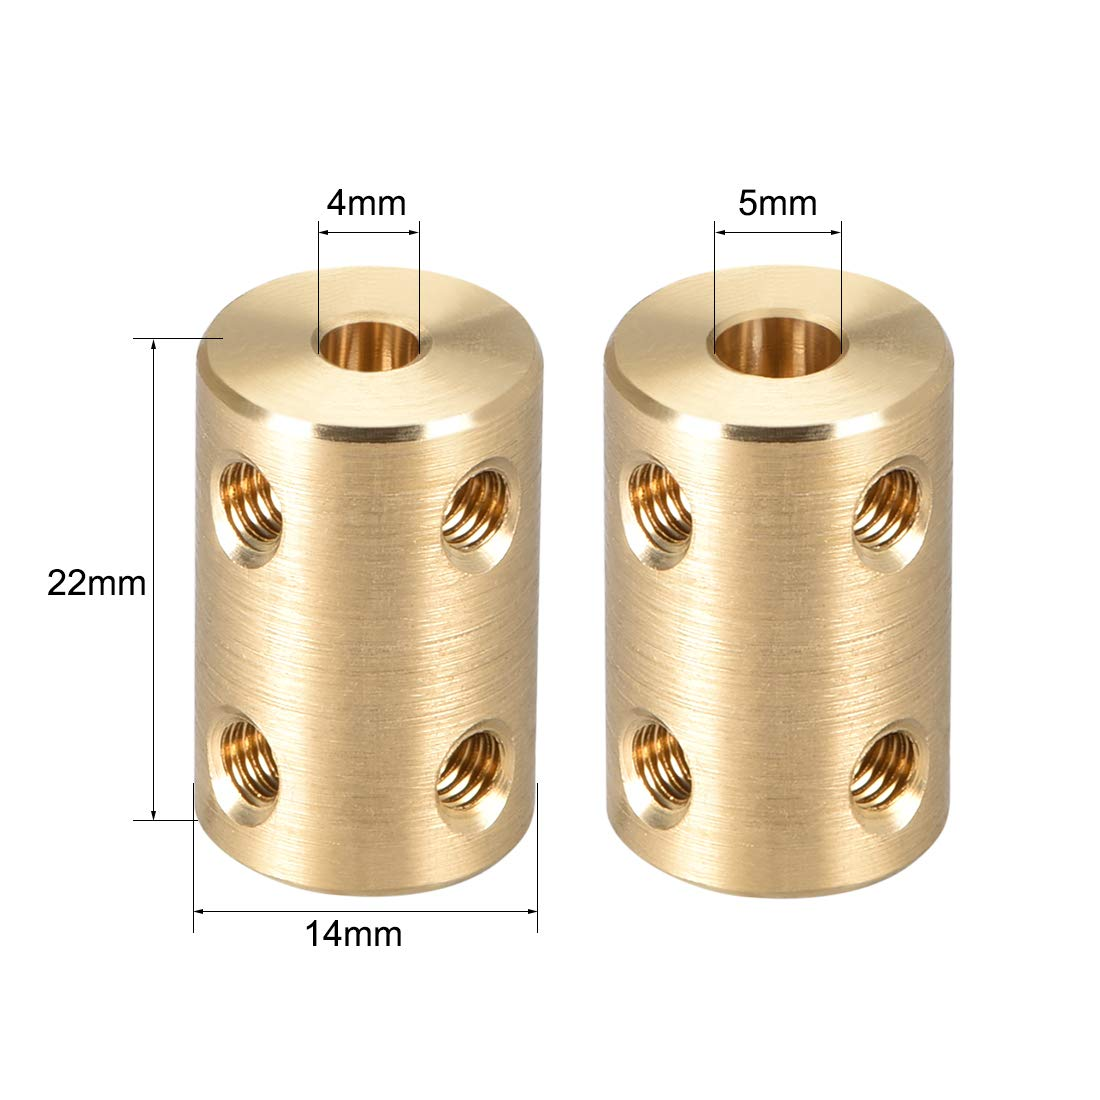 sourcing map 2stk Schaft Kupplung Rad Rigid Koppler 10mm zu 10mm L22xD16 Gold Ton